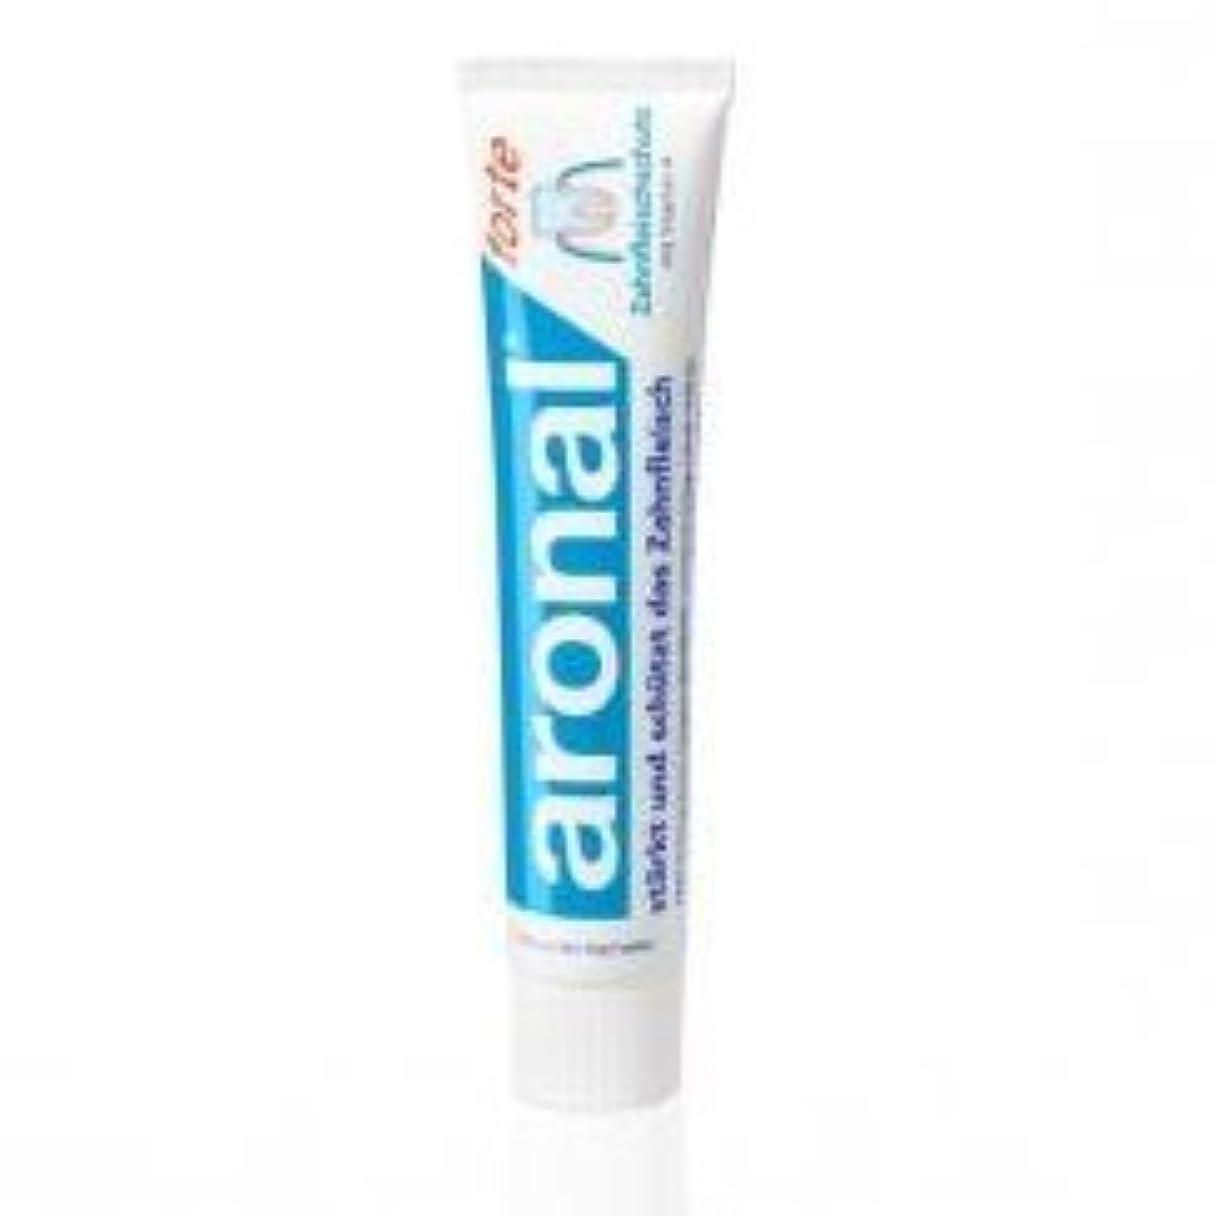 胚芽変成器教えてアロナール(ビタミンA配合) 歯磨き粉 75ml x 1Pack (elmex aronal toothpaste 75ml) 【並行輸入品】